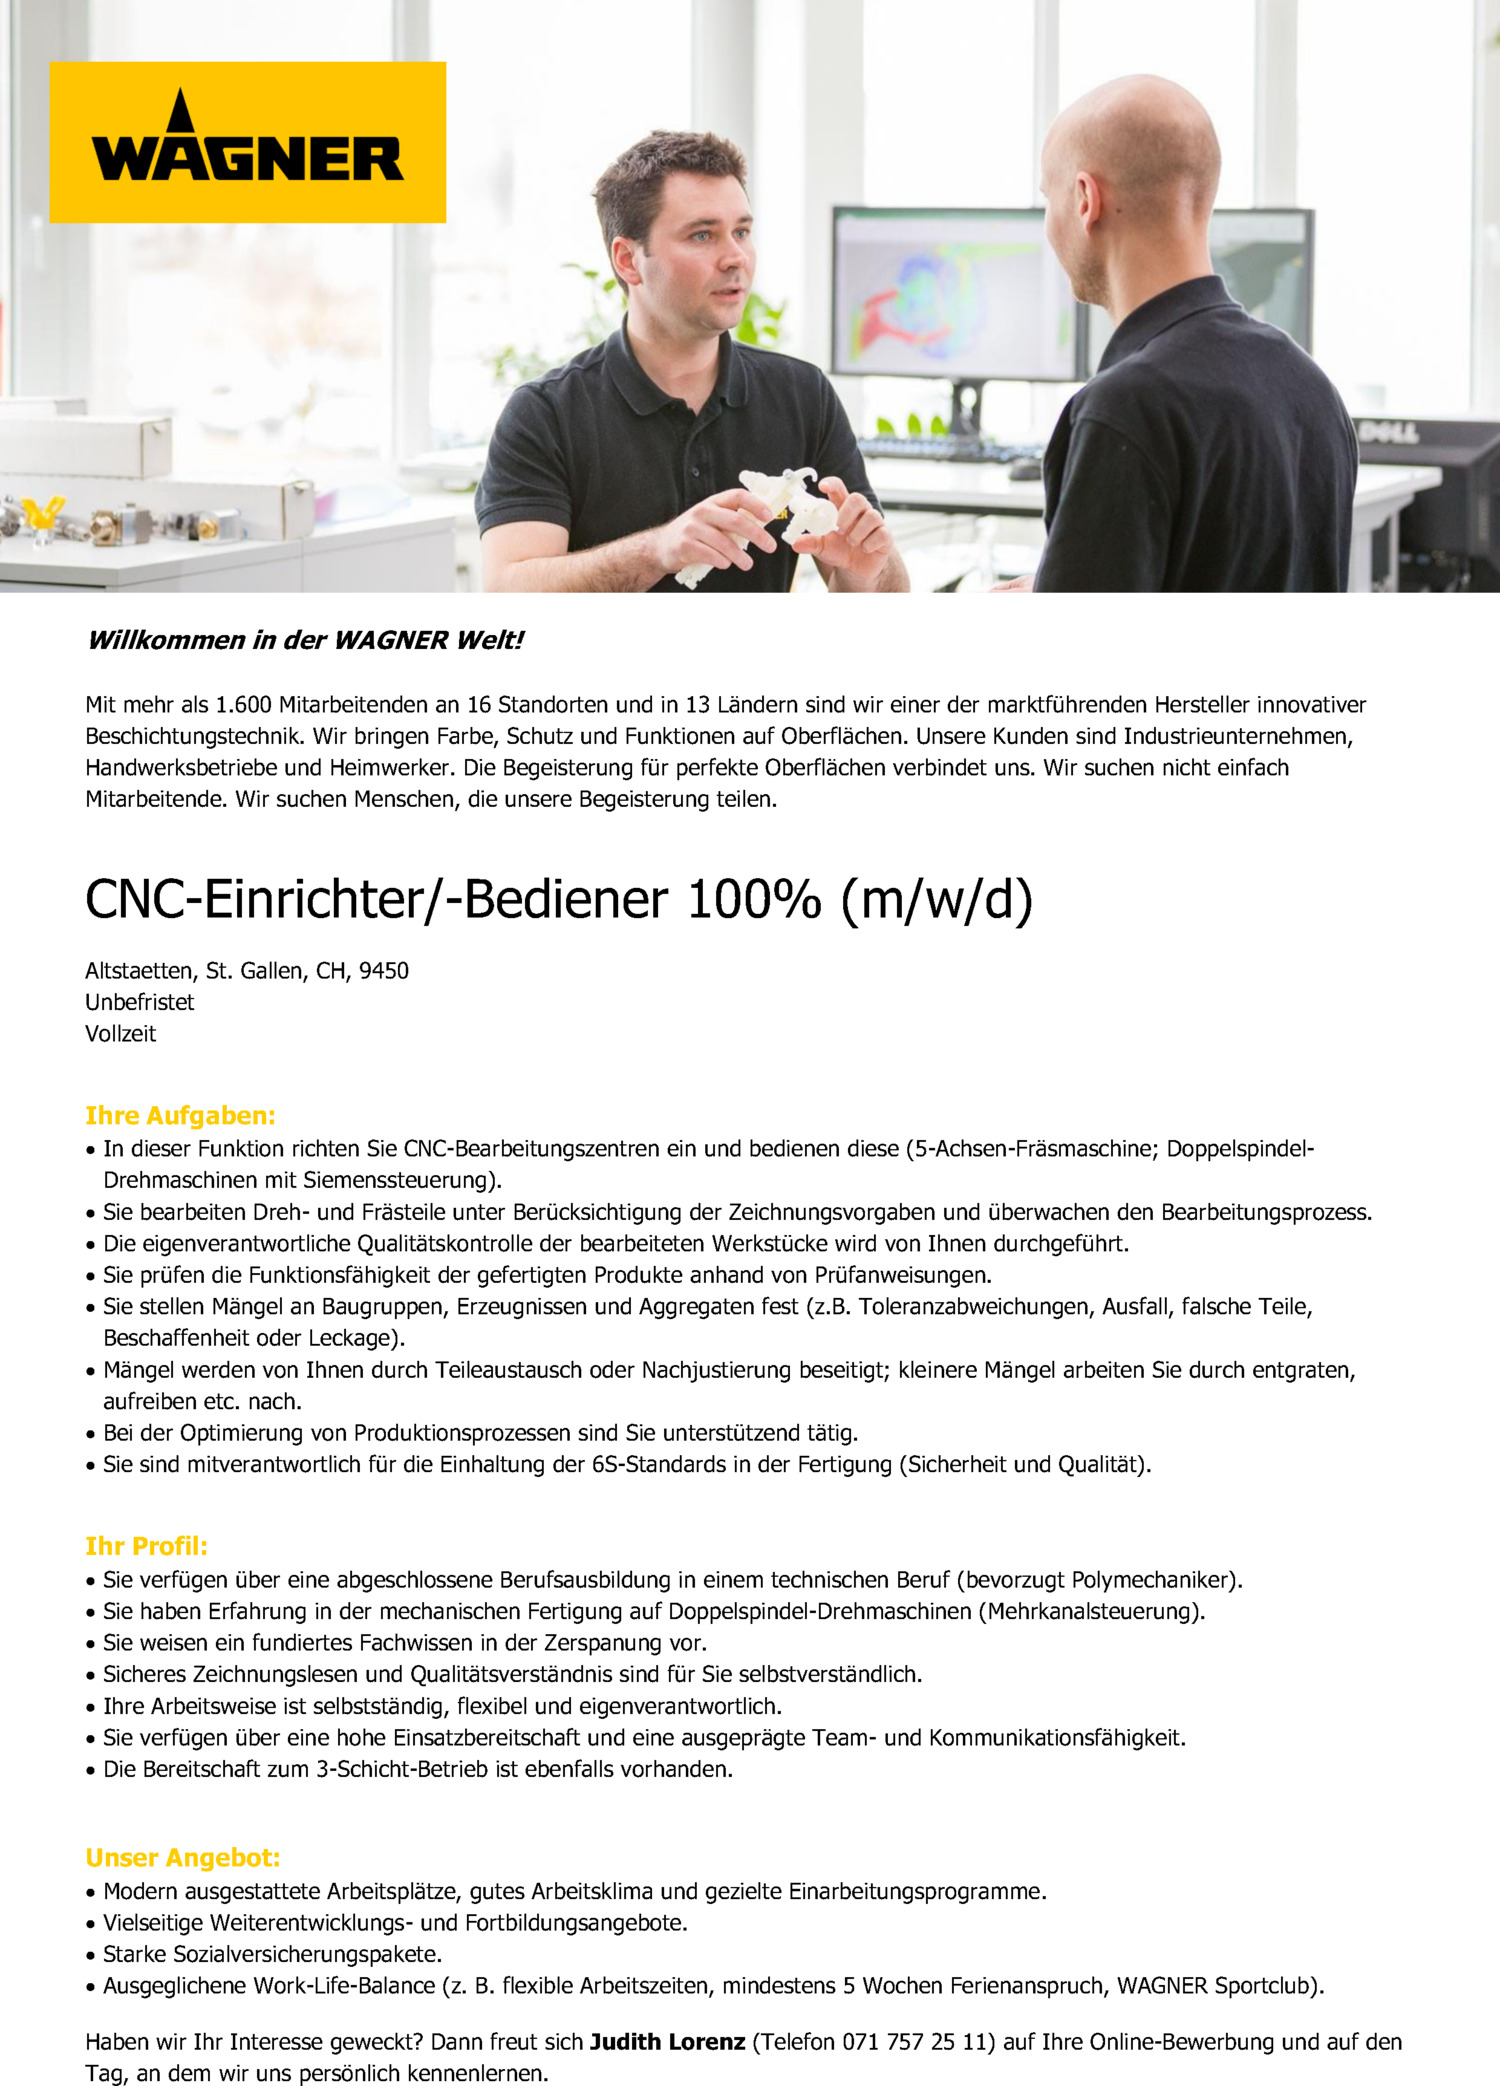 Inserat CNC-Einrichter/-Bediener 100% (m/w/d) Altstaetten, St.